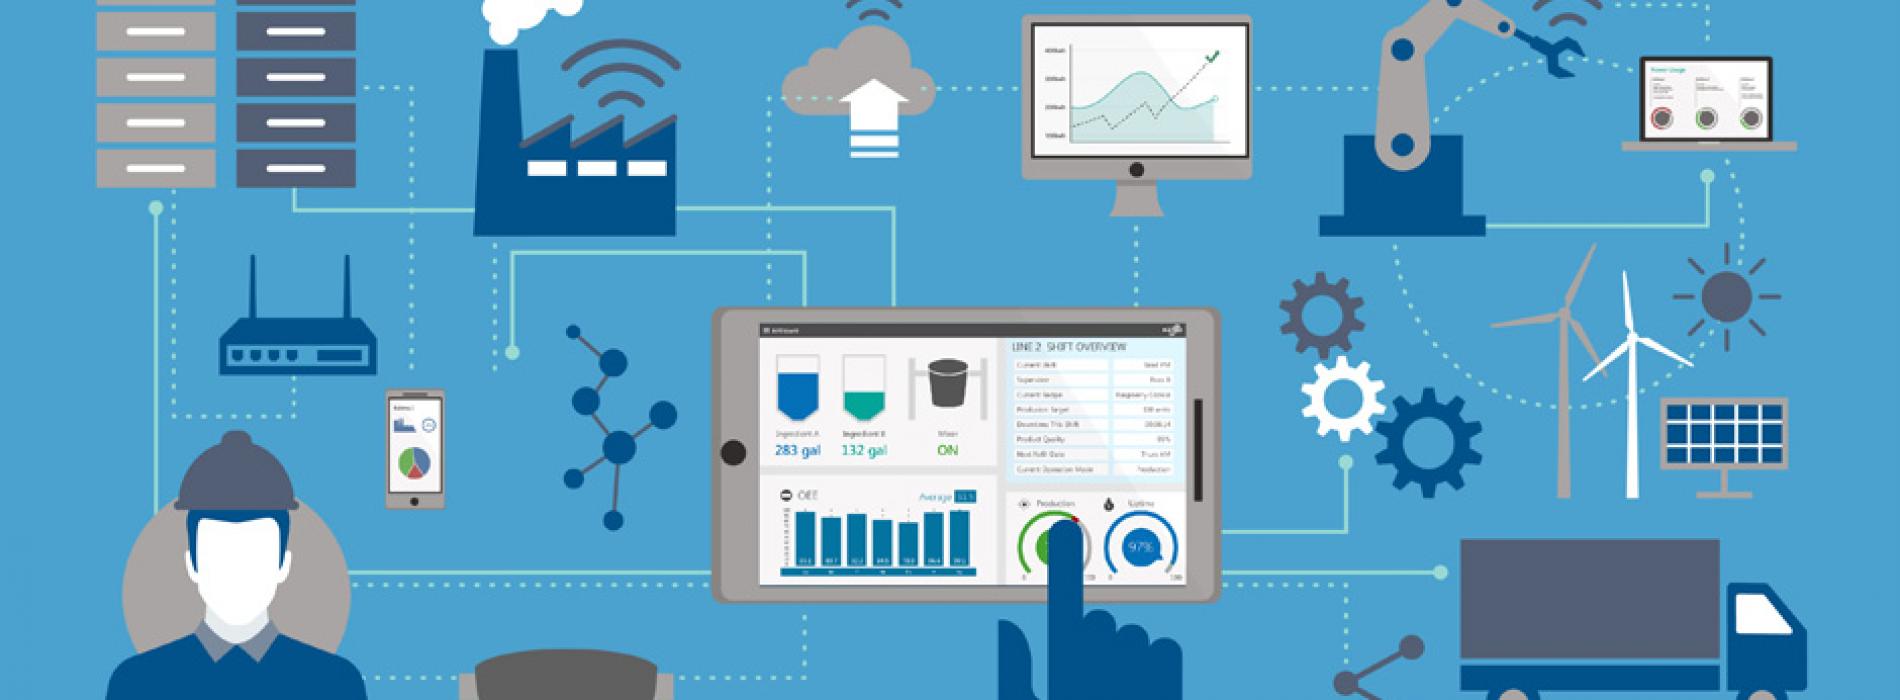 What Is Industrial Internet of Things (IIoT)?